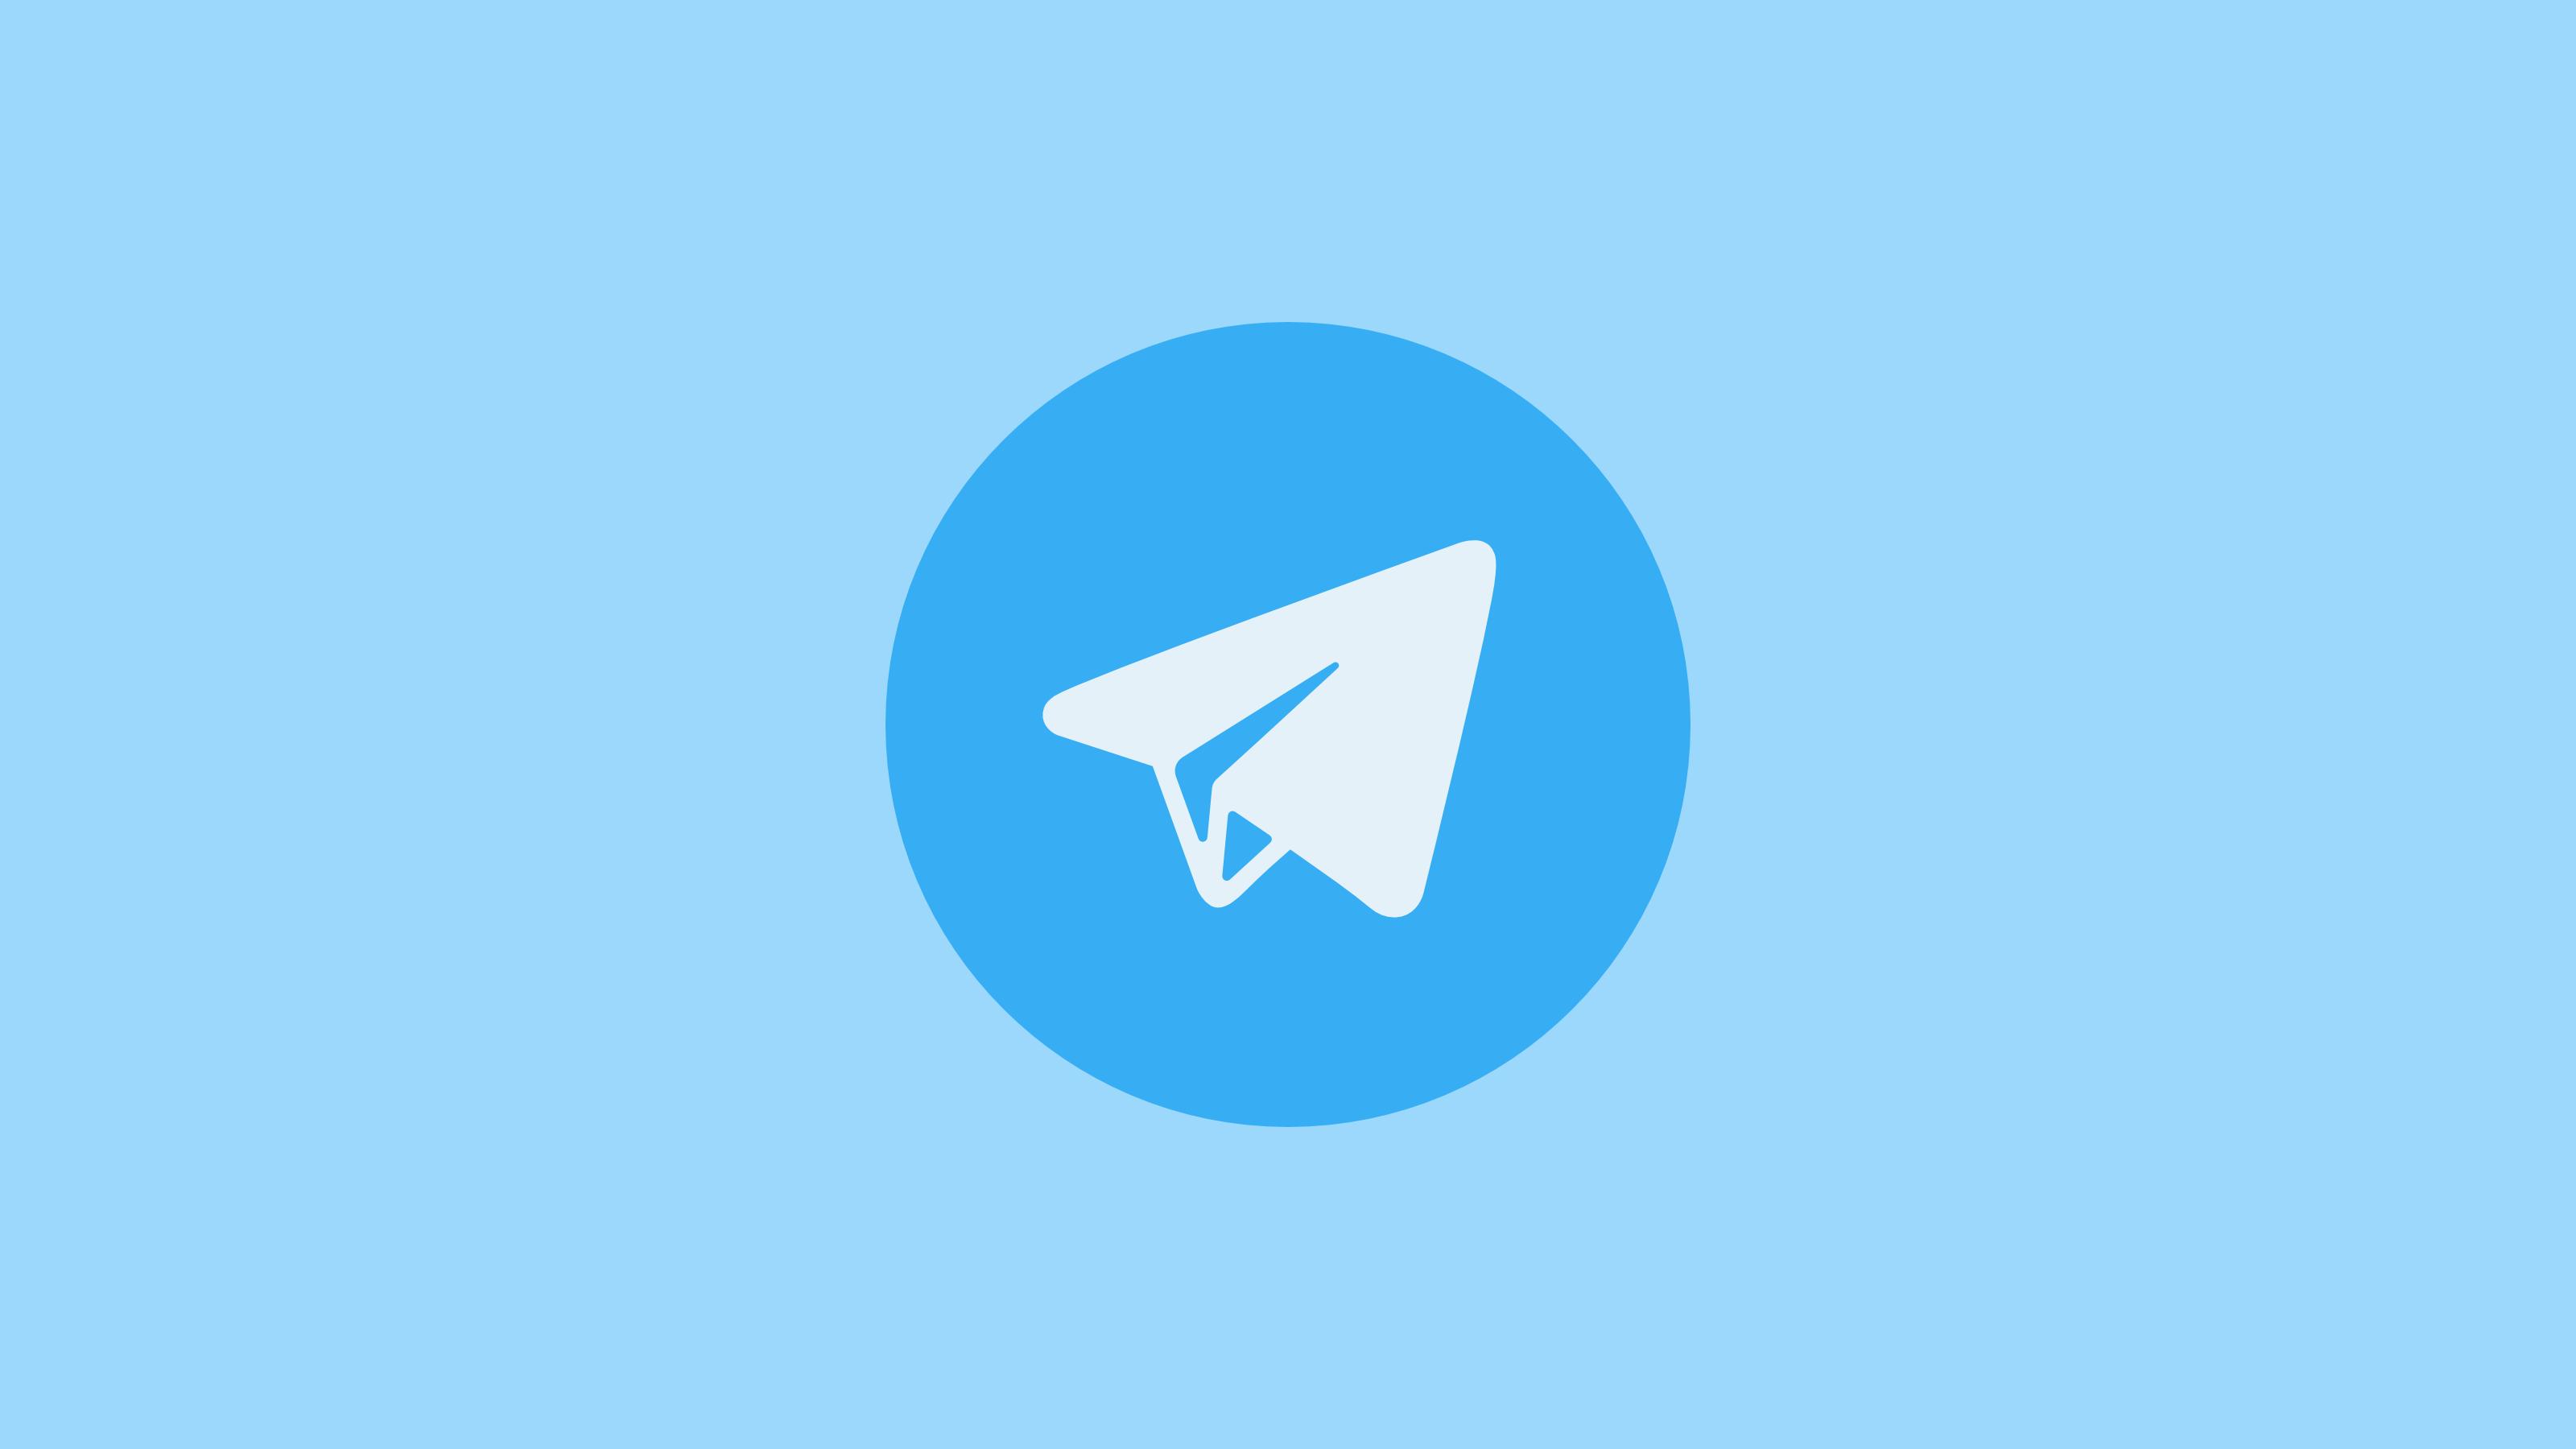 Telegram'dan veri paylaşımı açıklaması: 'Telegram'ın hesap vereceği  hissedarlar veya reklam verenler yoktur'